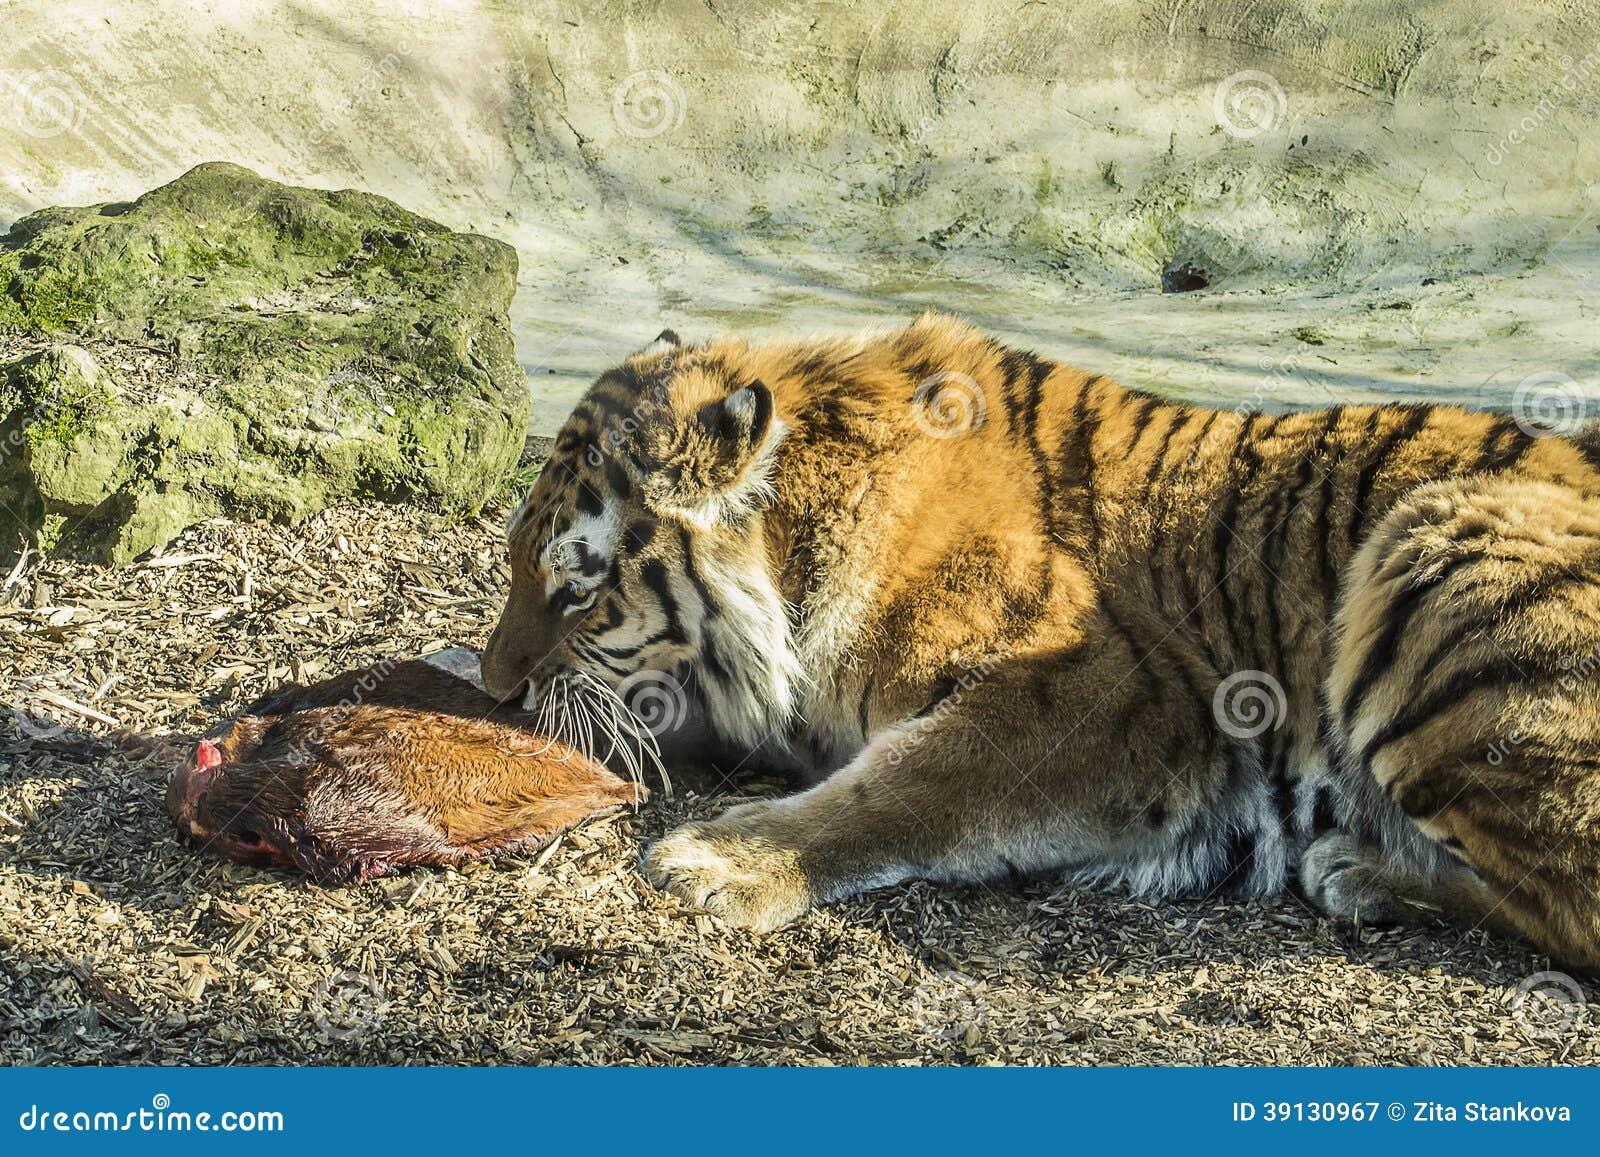 Tigre Siberiano Que Come Un Pedazo De Carne Imagen De Archivo Imagen De Animal Undomesticated 39130967